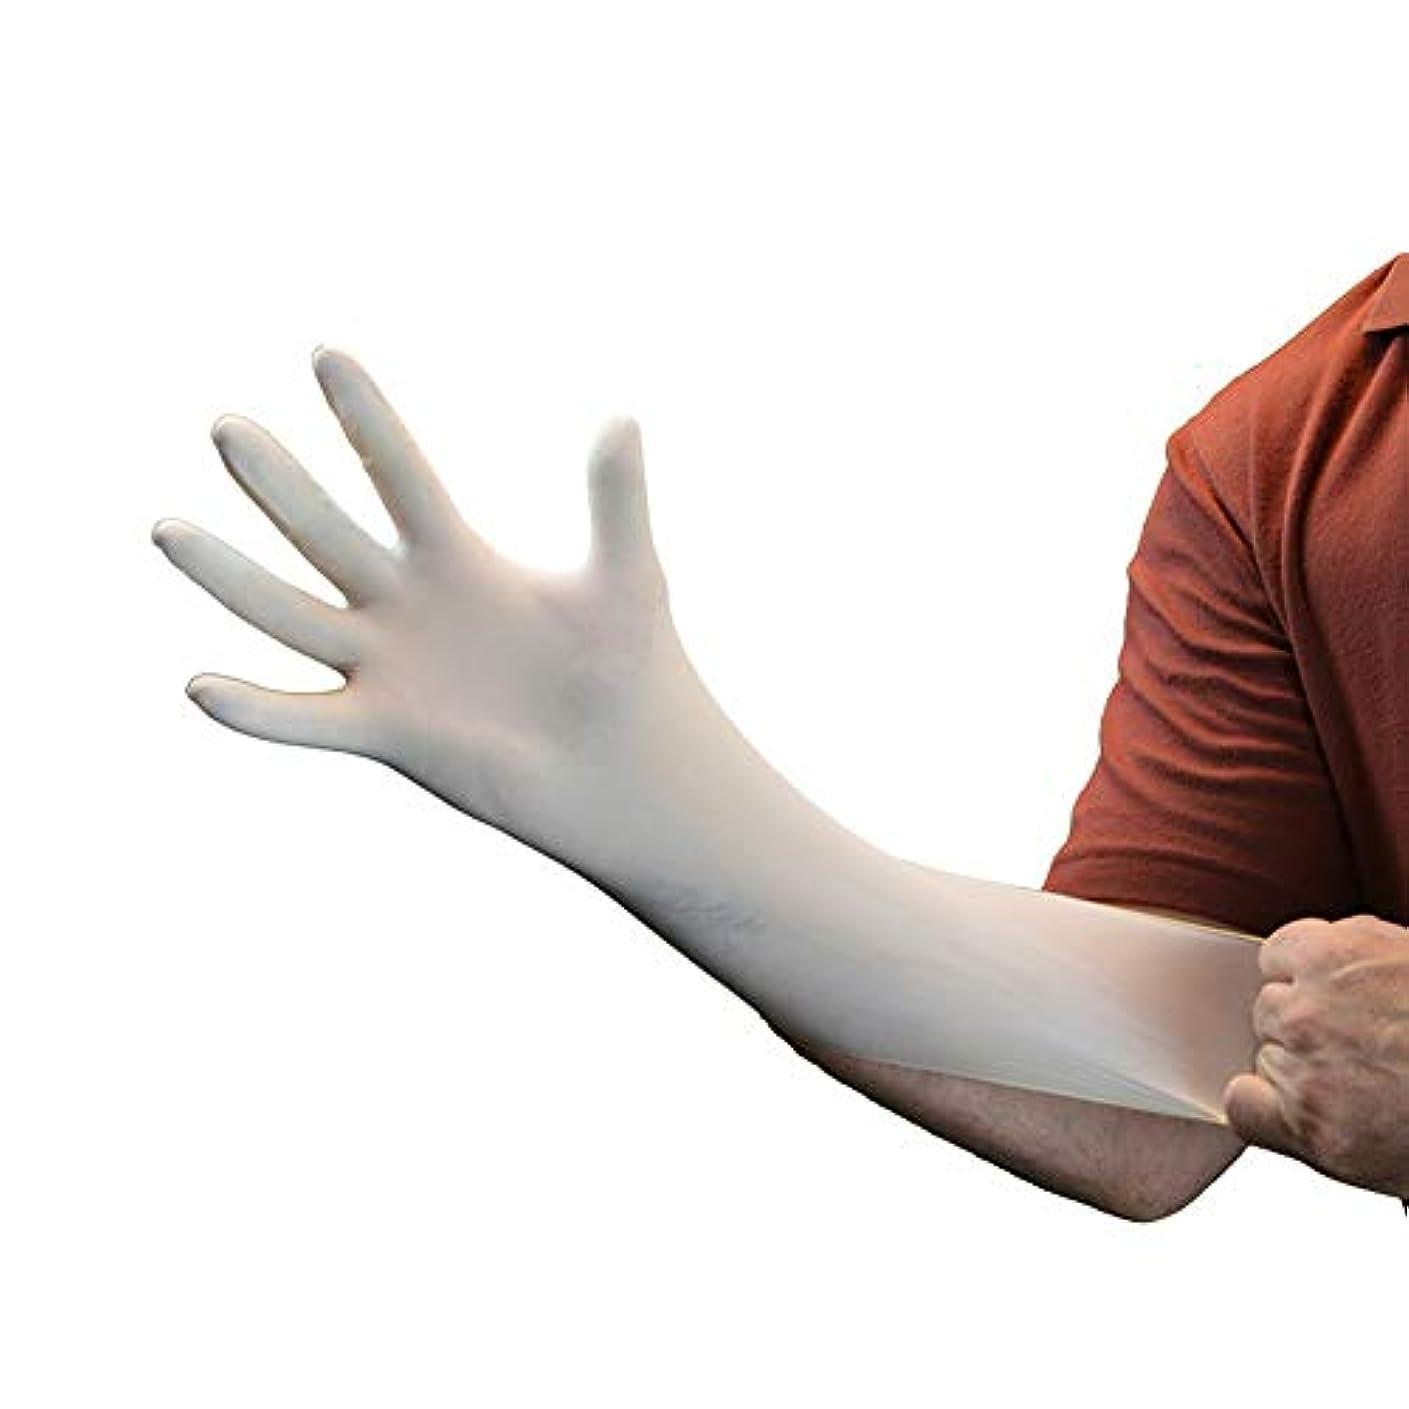 可塑性香水恥ずかしい使い捨てラテックス手袋 - パウダーフリーの歯科技工所労働保護製品をマッサージ YANW (Color : White, Size : XS)